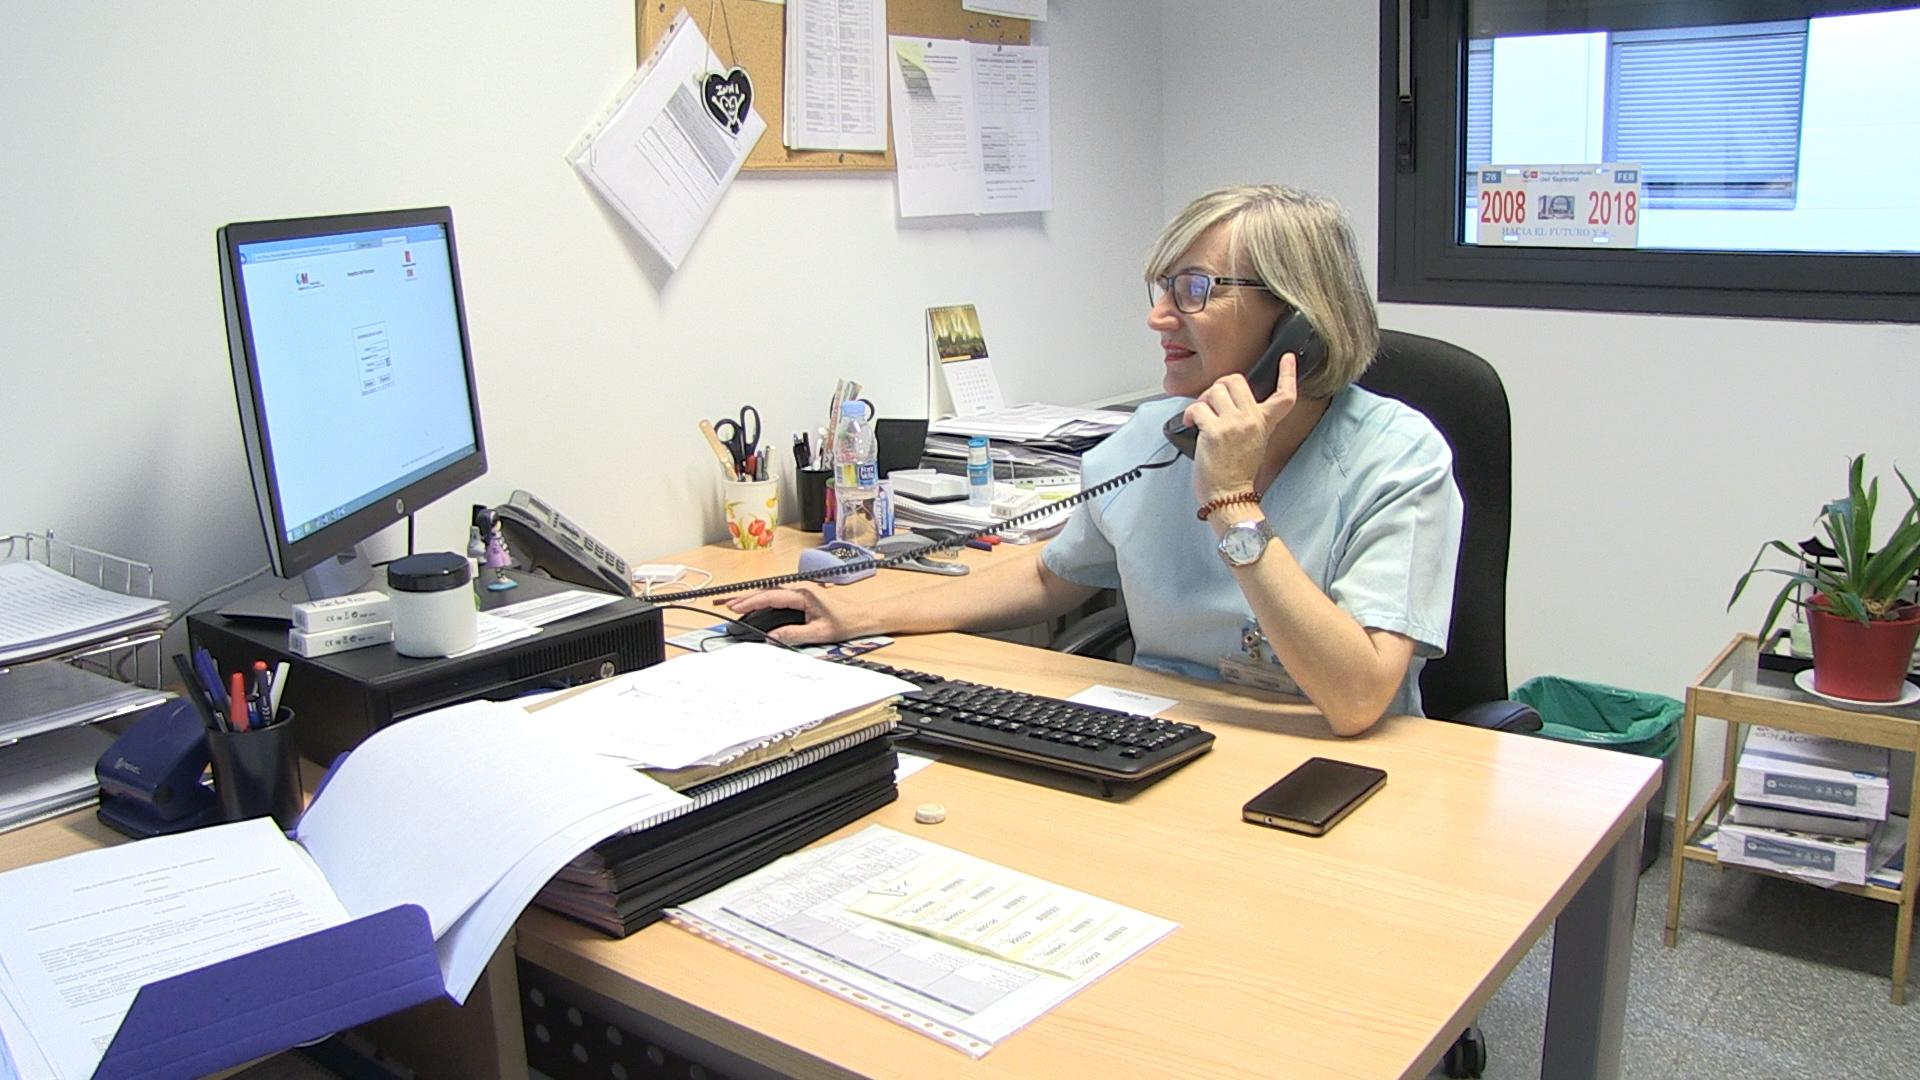 La consulta telefónica se mantendrá para el 19% de los pacientes una vez finalizada la pandemia